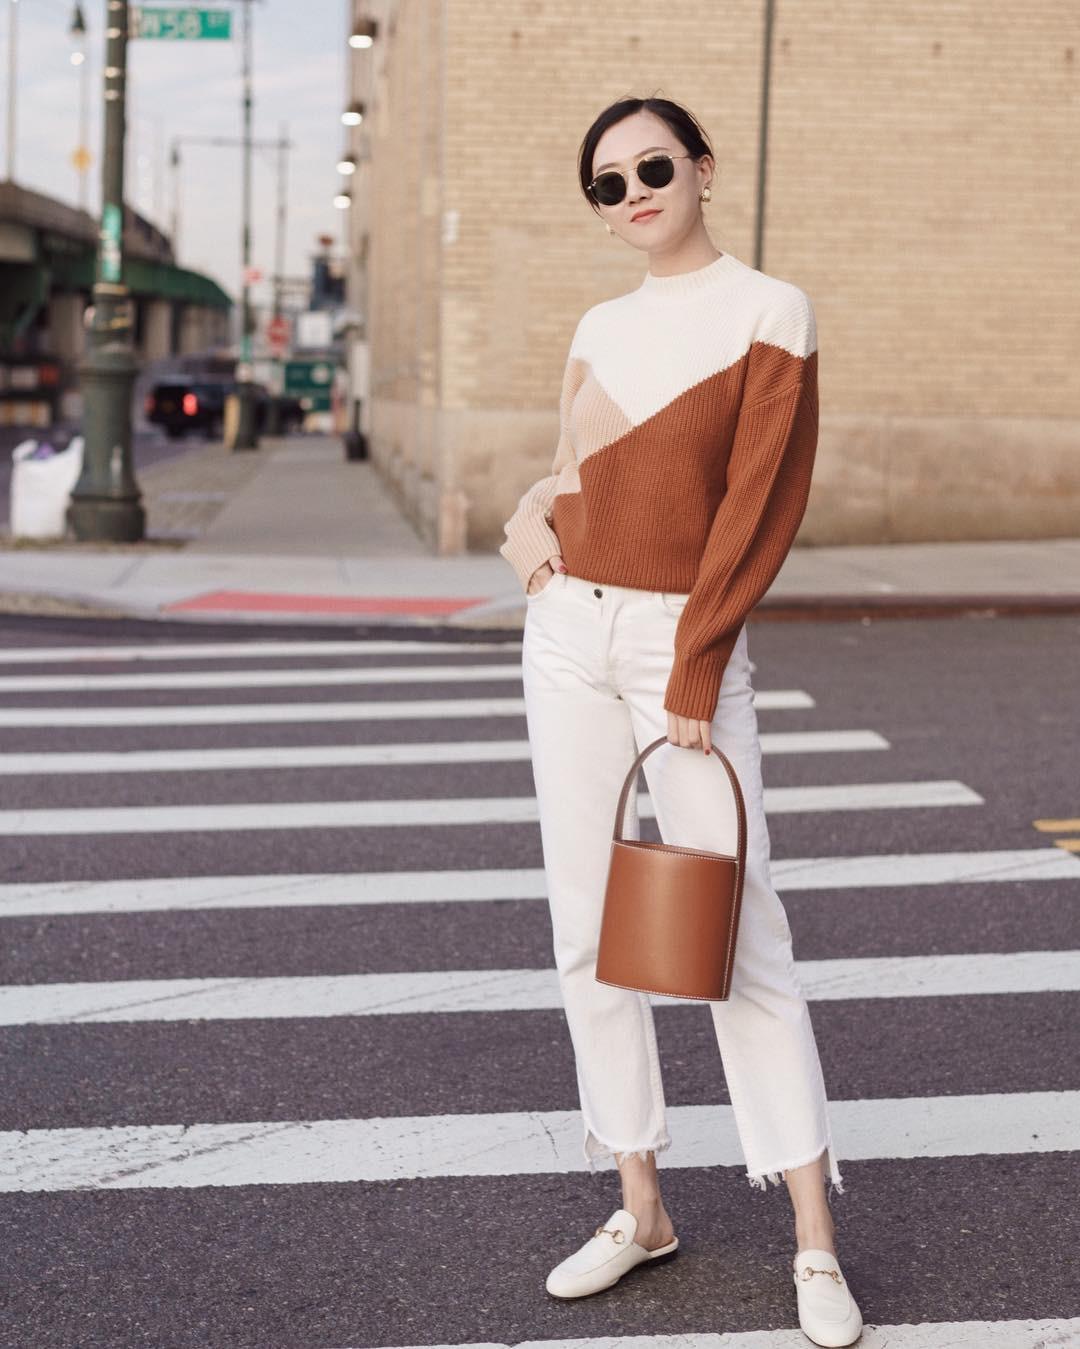 Quên quần áo dày dặn mùa lạnh đi, nàng công sở cứ sắm 5 items này là đủ mặc đẹp từ Xuân sang Hè - Ảnh 4